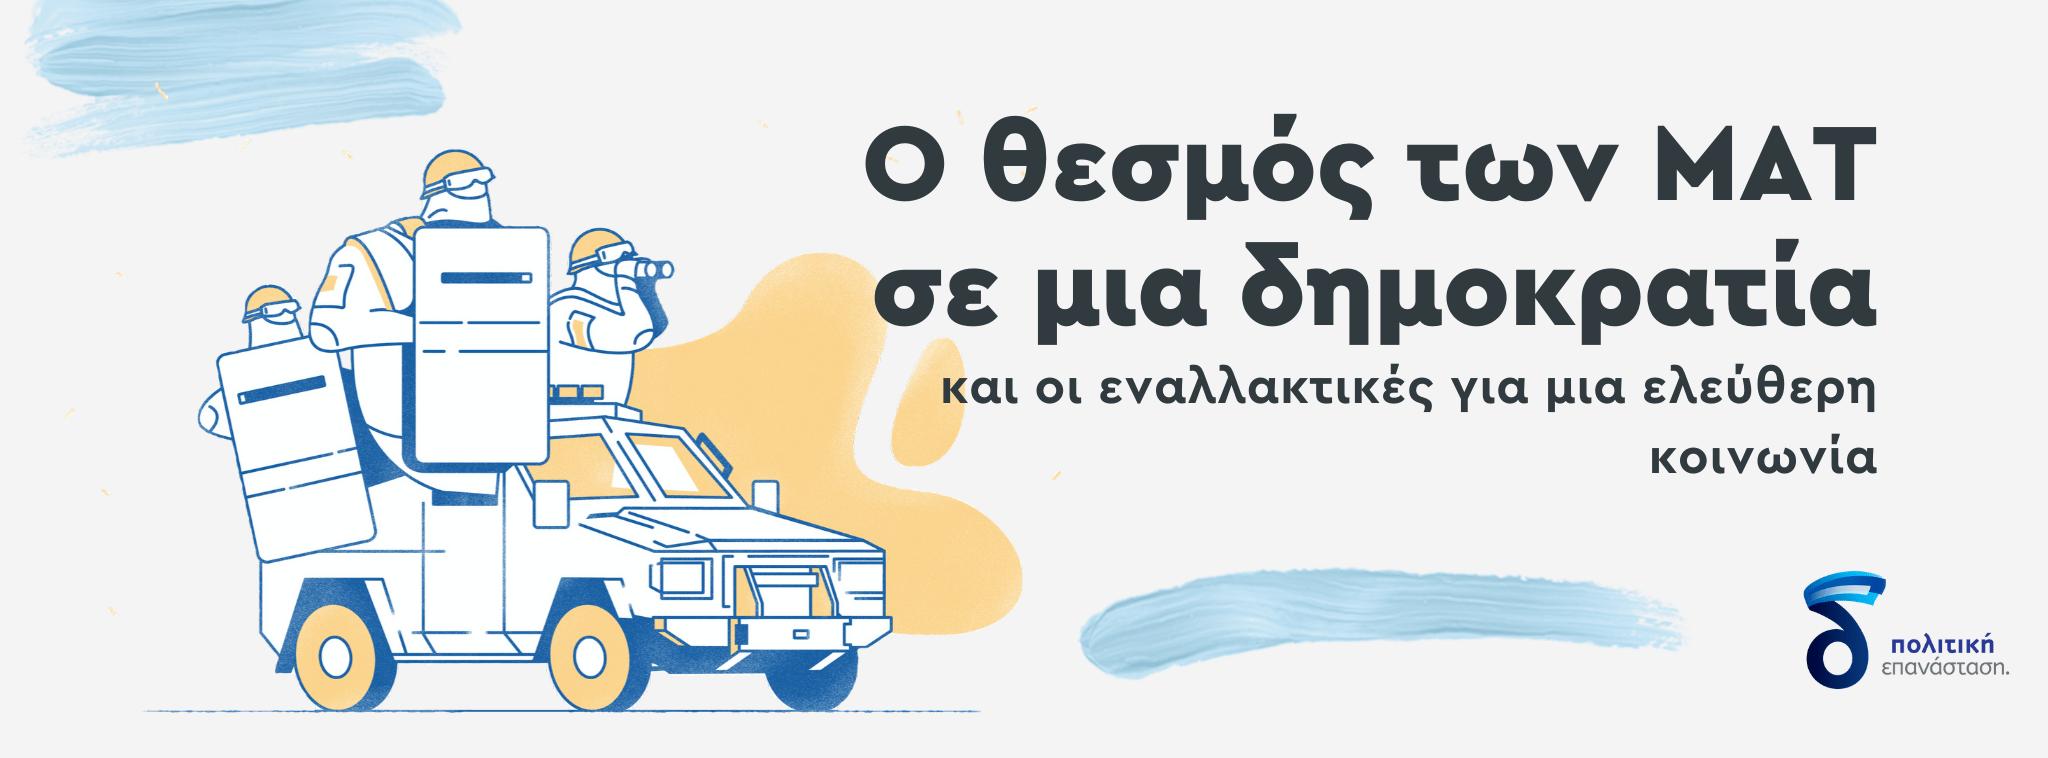 Η πρώτη πολιτική υπερκομματική εκστρατεία στην Ελλάδα είναι γεγονός – Ανοιχτή διαβούλευση: «Ο θεσμός των ΜΑΤ σε μια δημοκρατία και οι εναλλακτικές για μια ελεύθερη κοινωνία»